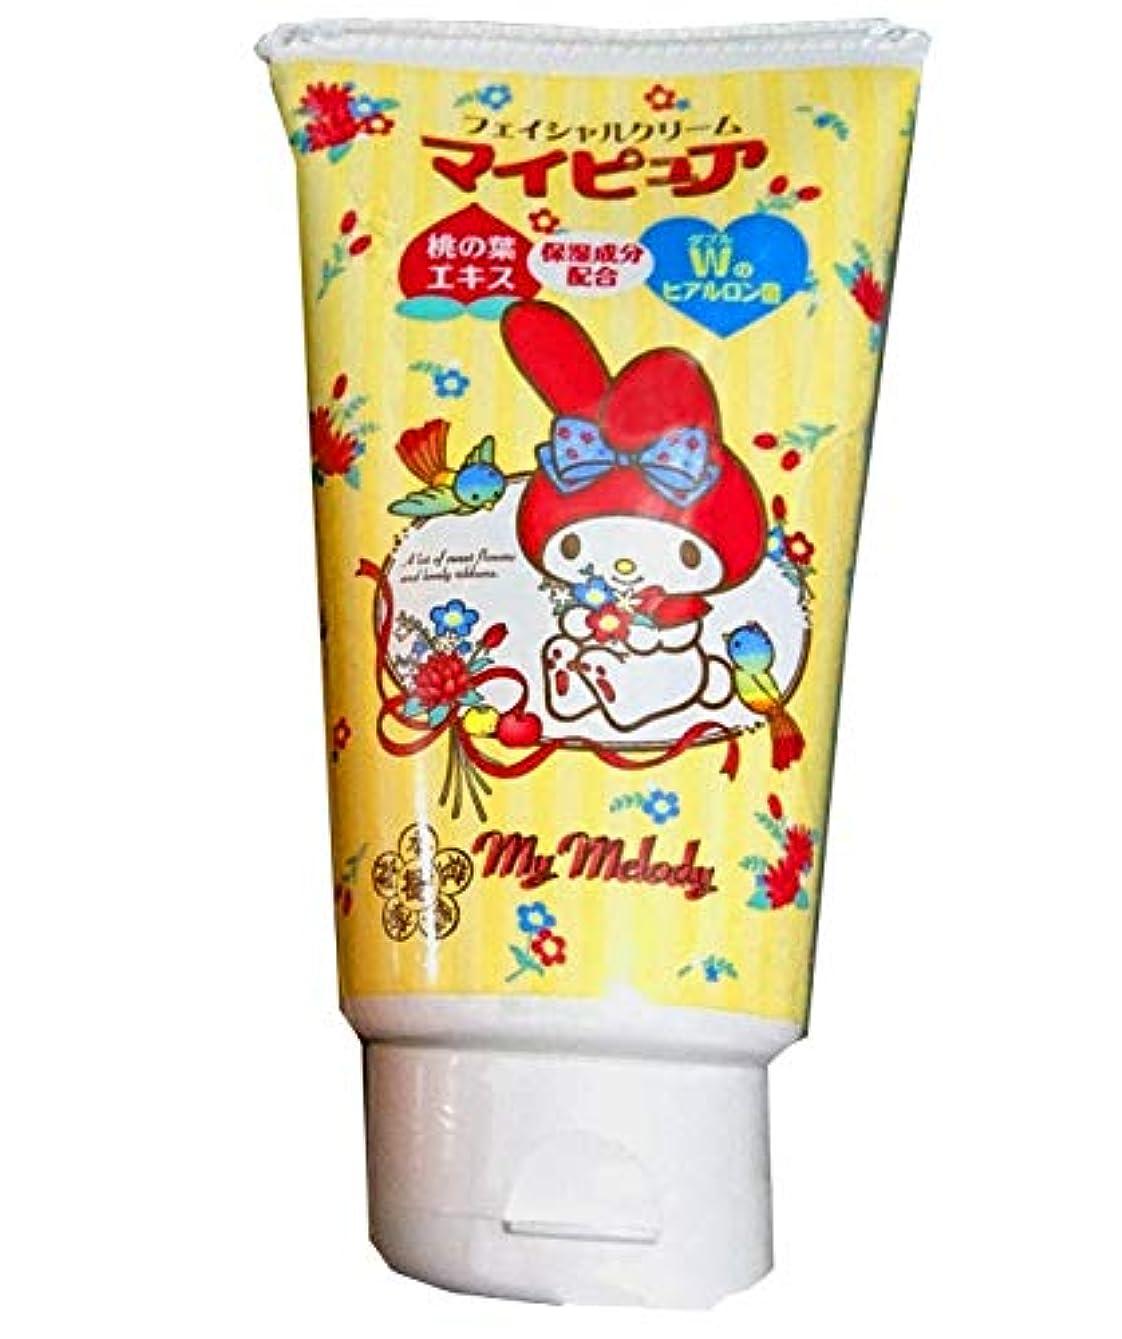 テスト到着浴【とっても可愛いサンリオ?限定品!】マイピュア フェイシャルクリーム 100g